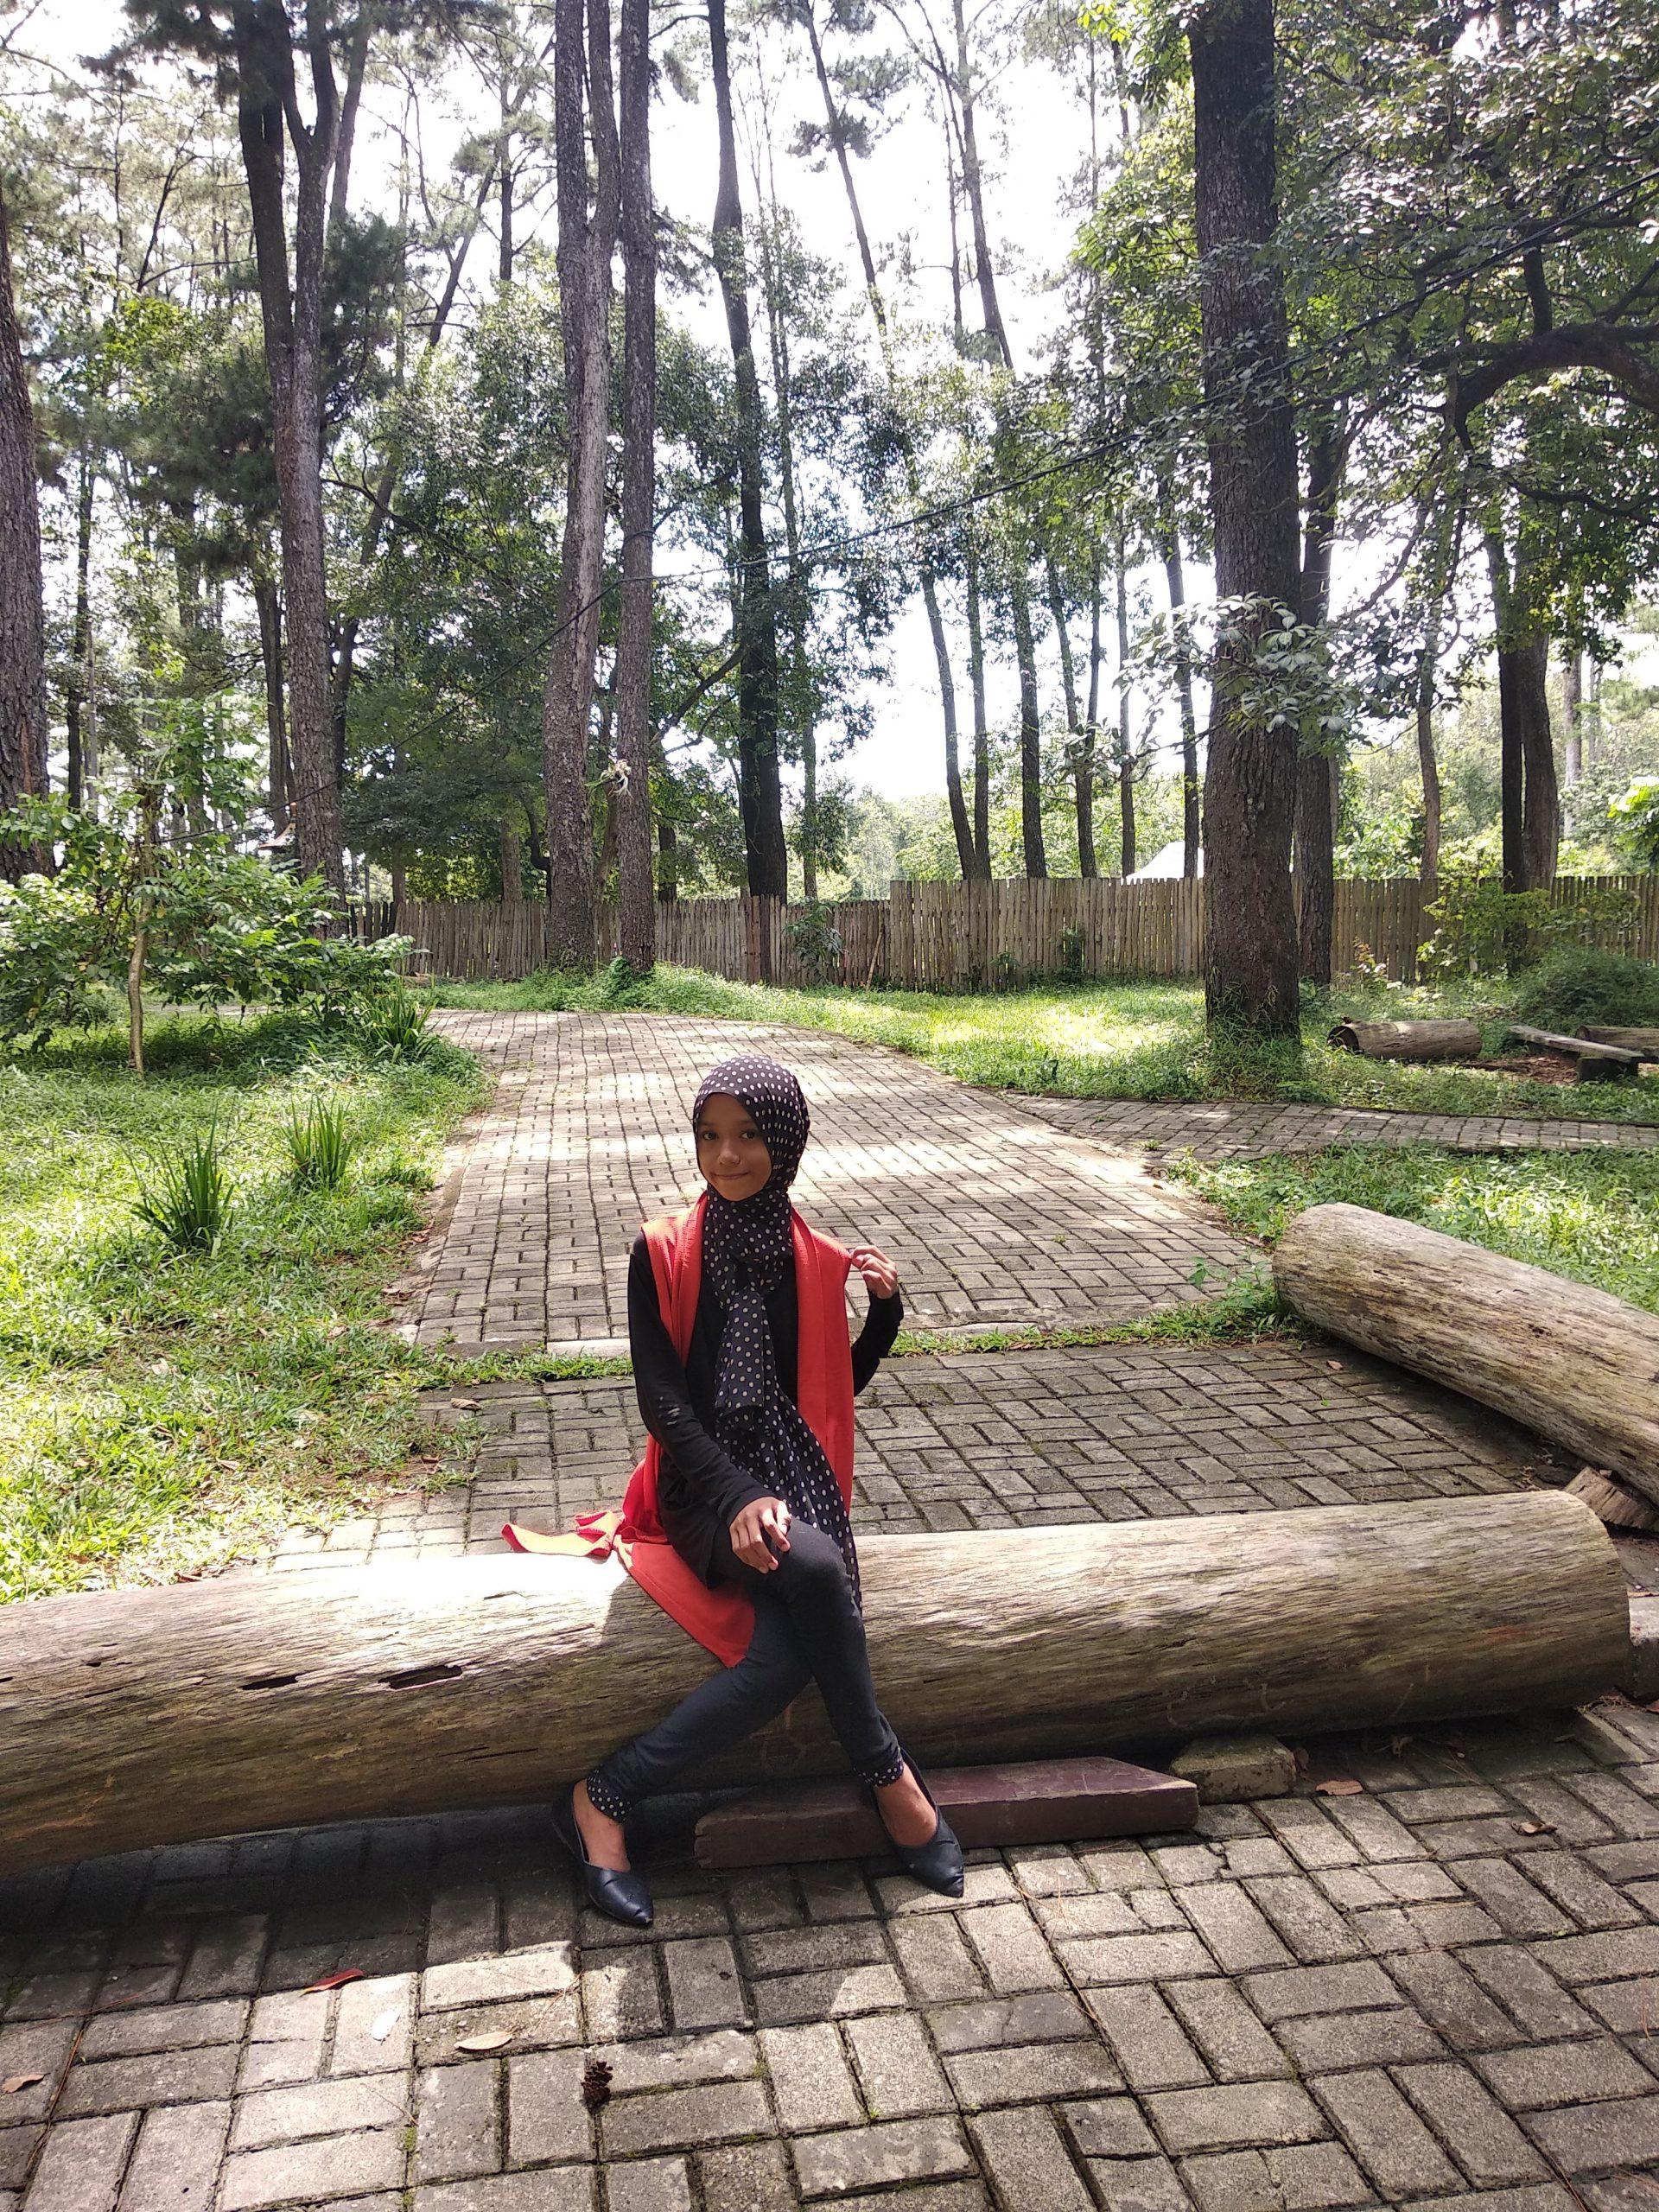 Wisata Alam Punti Kayu, Hutan Pinus Dalam Kota Terbesar di Indonesia